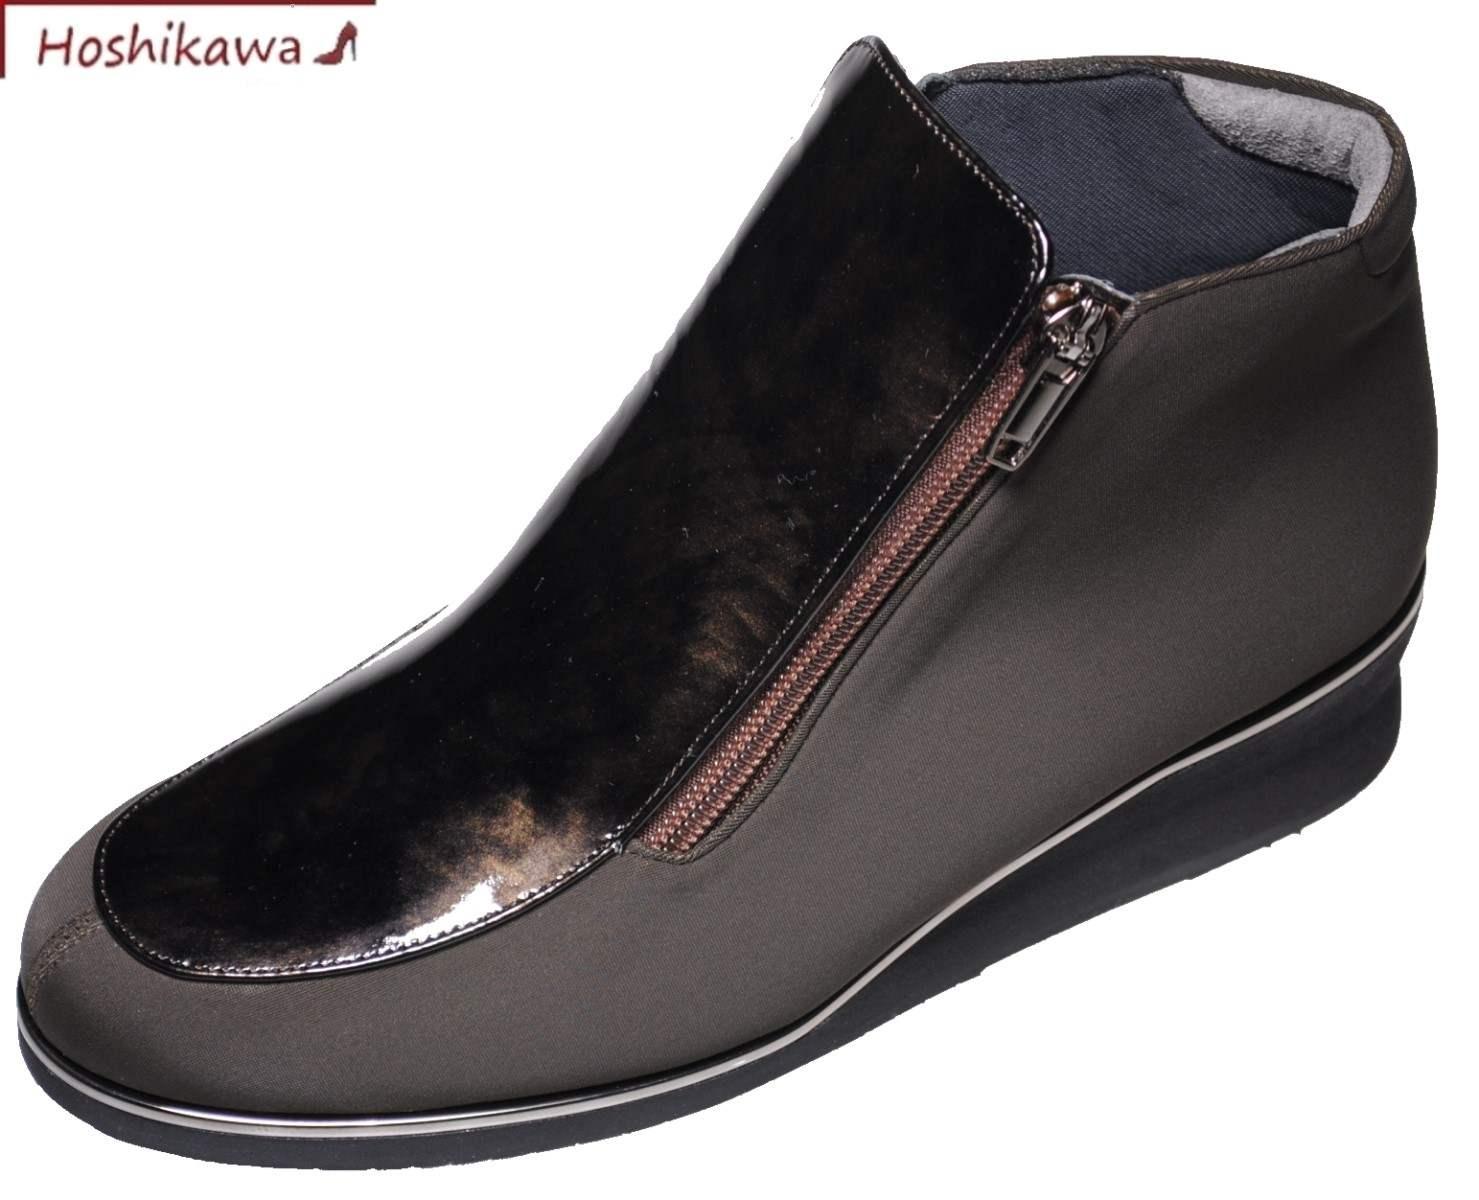 【靴のHOSHIKAWA】 『MONET 333901』22cm~24.5cmブーティー